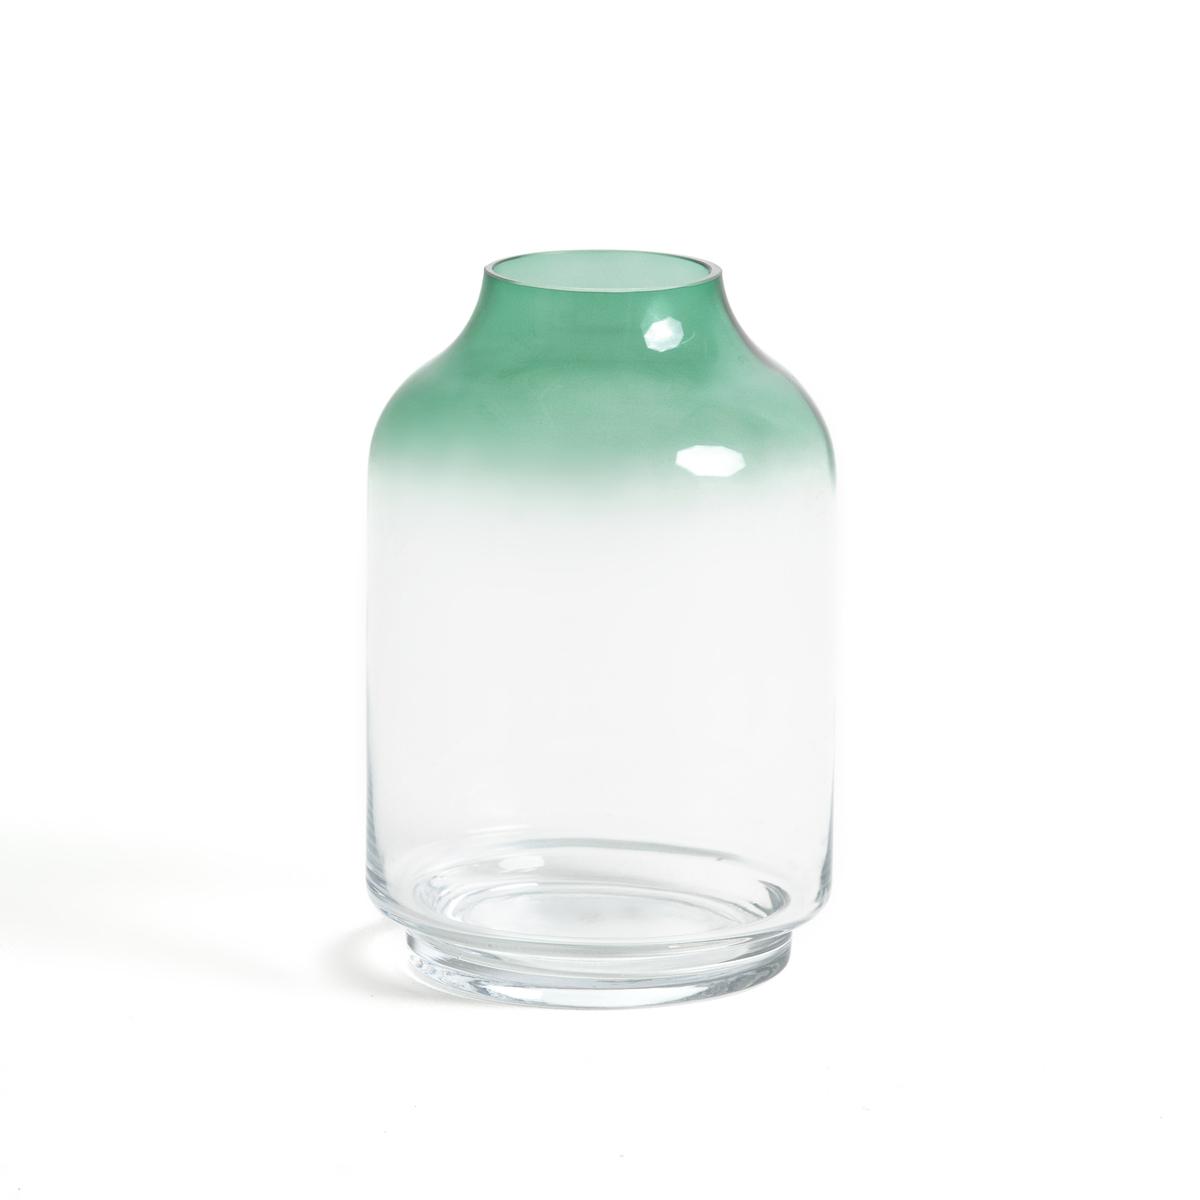 Ваза из стекла H26 см, EPURВаза Epur с объемным и прозрачным эффектом !Описание вазы Epur :Ваза из обычного и затемненного стекла Размеры вазы Epur :? 17 см Высота 26 смОткройте для себя всю коллекцию декора на сайте laredoute.ru<br><br>Цвет: прозрачный/ зеленый